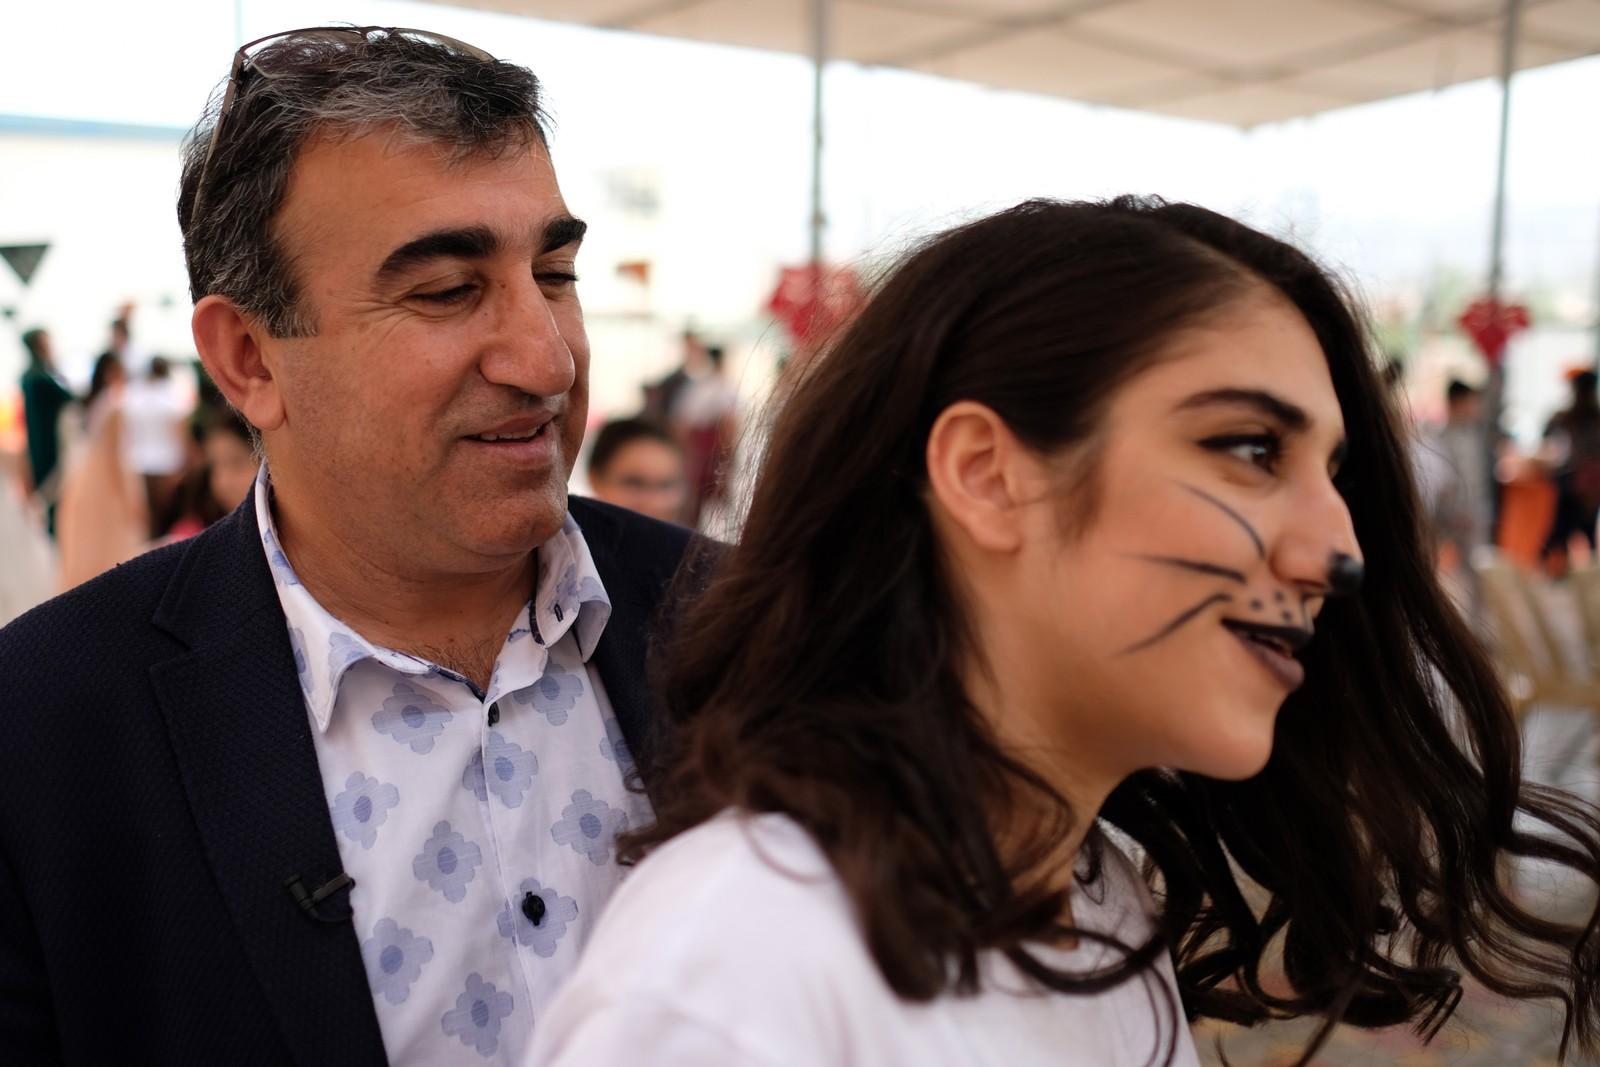 Dawood Atrushi er med datteren Lana på Halloween-feiring i Dohuk. – Det er krig og for mange dårlige nyheter på tv, så humøret er kanskje litt dårlig, sier hun.